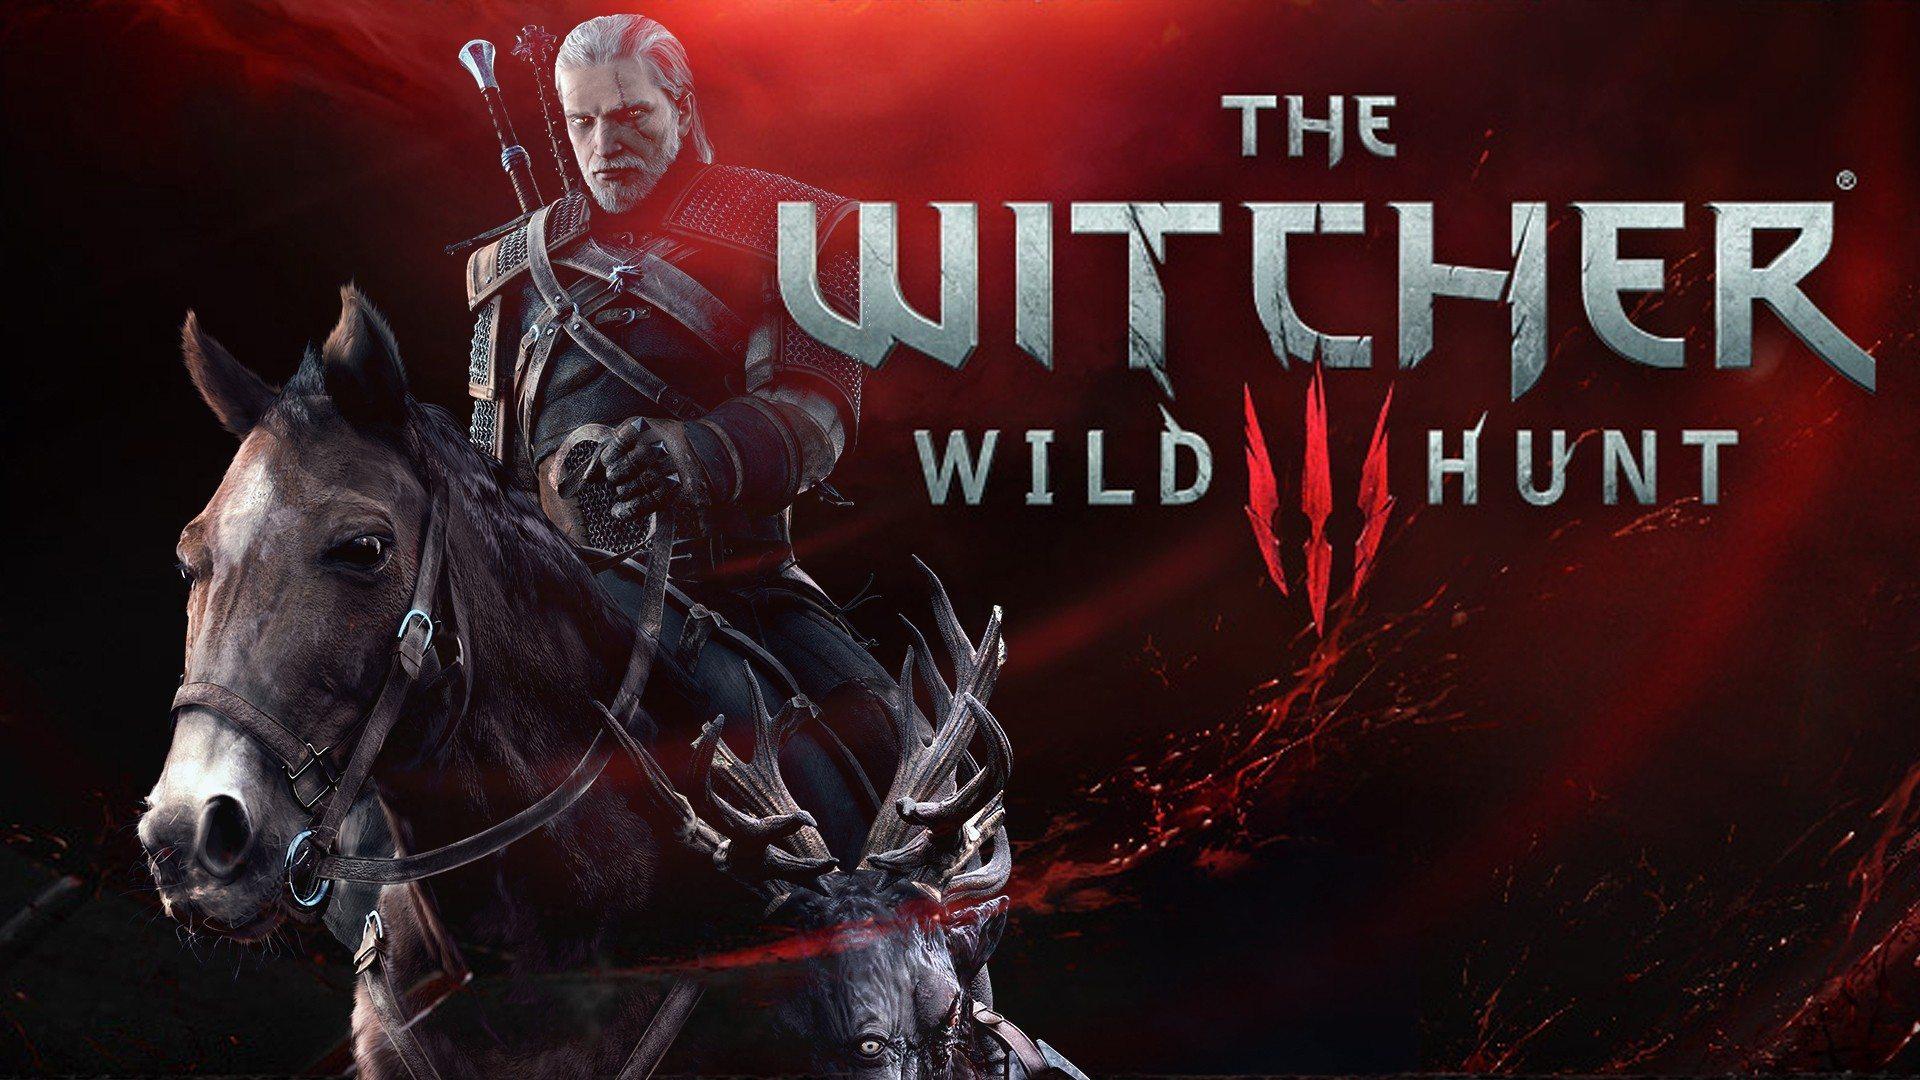 The-Witcher-3-gamersinbeta